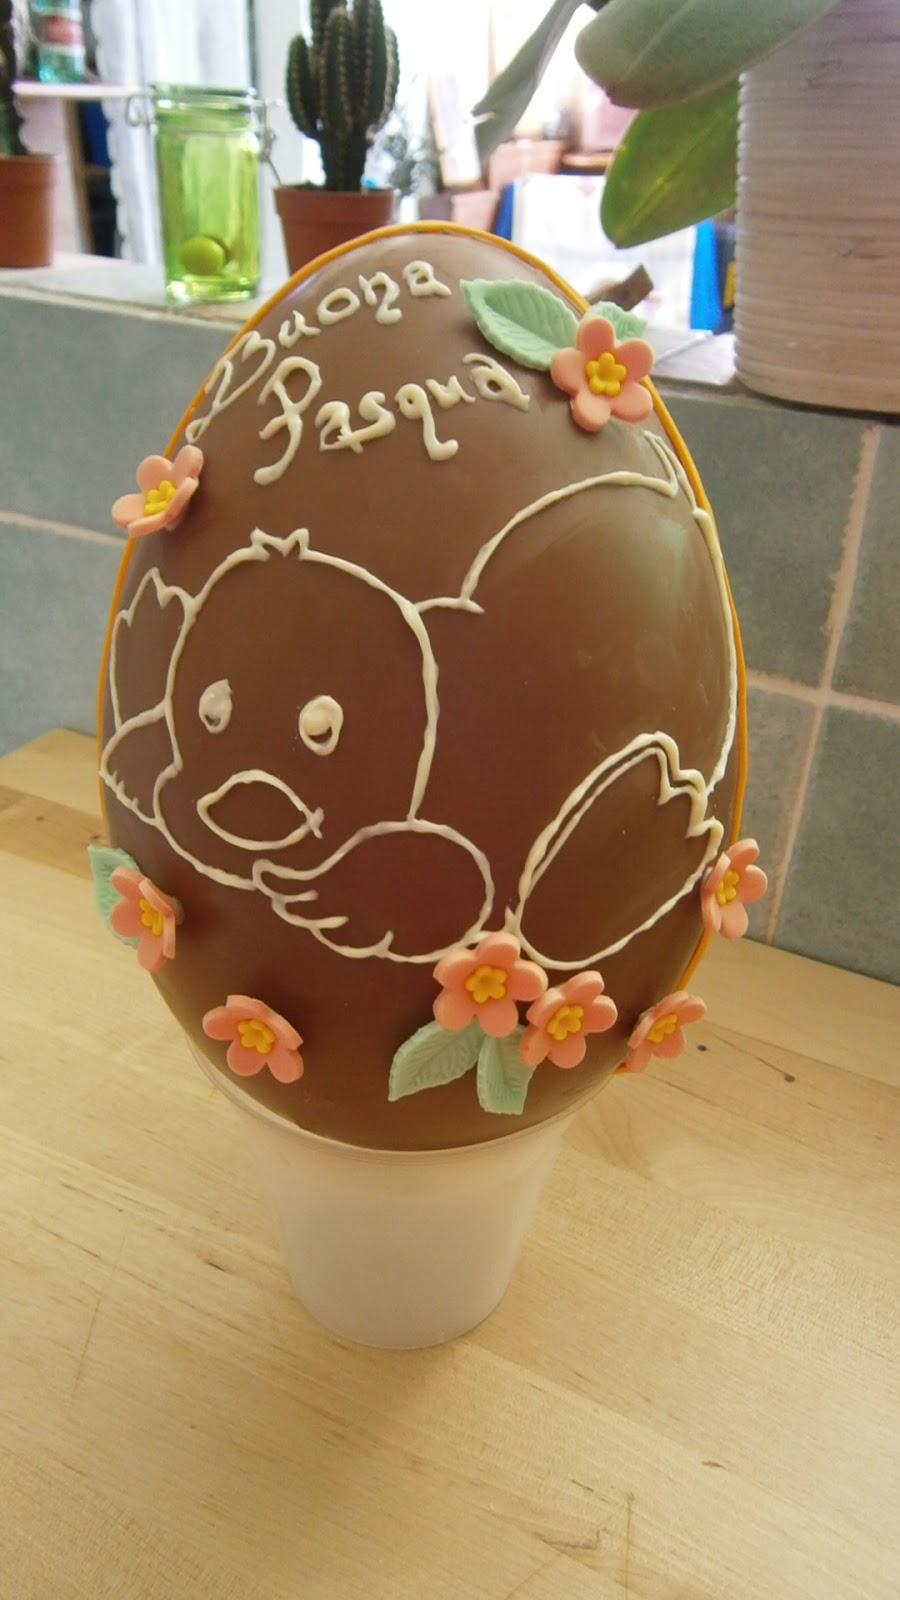 Il dolce mondo di ella uova di pasqua decorate a mano - Uova di pasqua decorati a mano ...